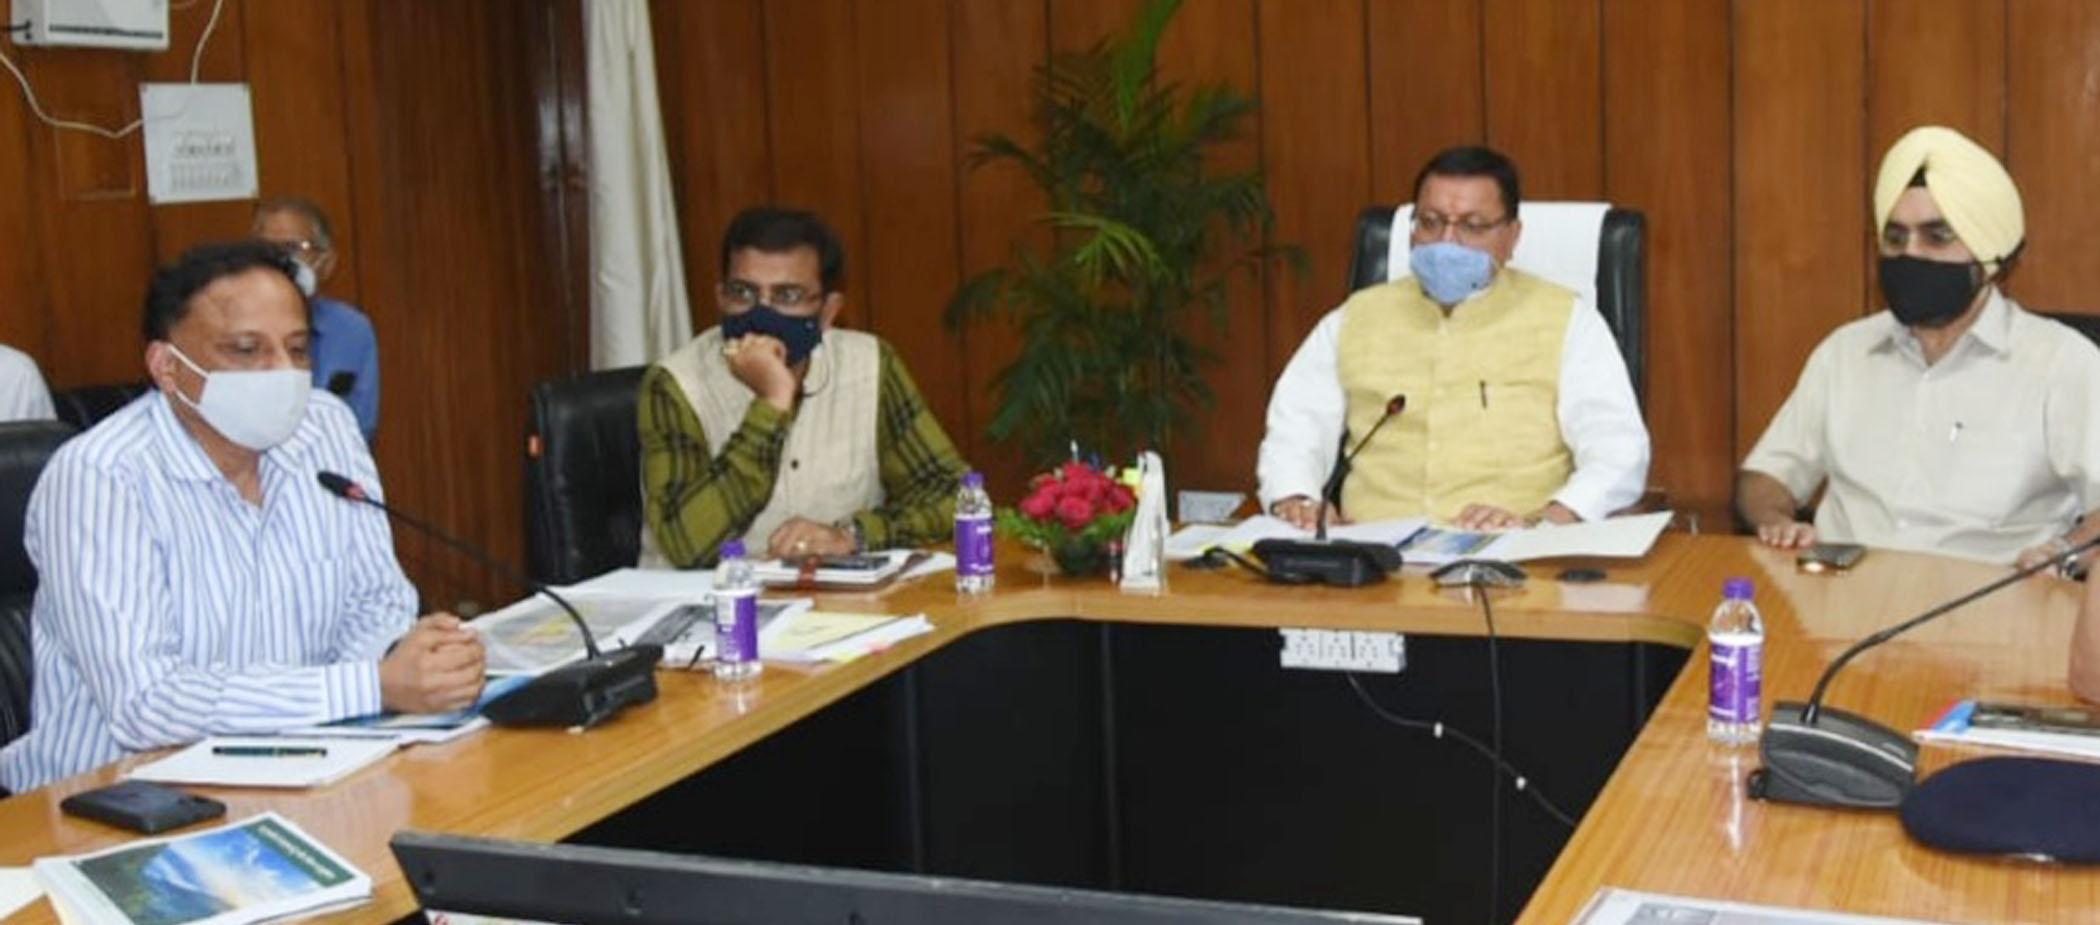 सीएम पुष्कर धामी ने की पर्यटन विभाग की समीक्षा,वीर चन्द्र सिंह गढ़वाली पर्यटन स्वरोजगार योजना के तहत